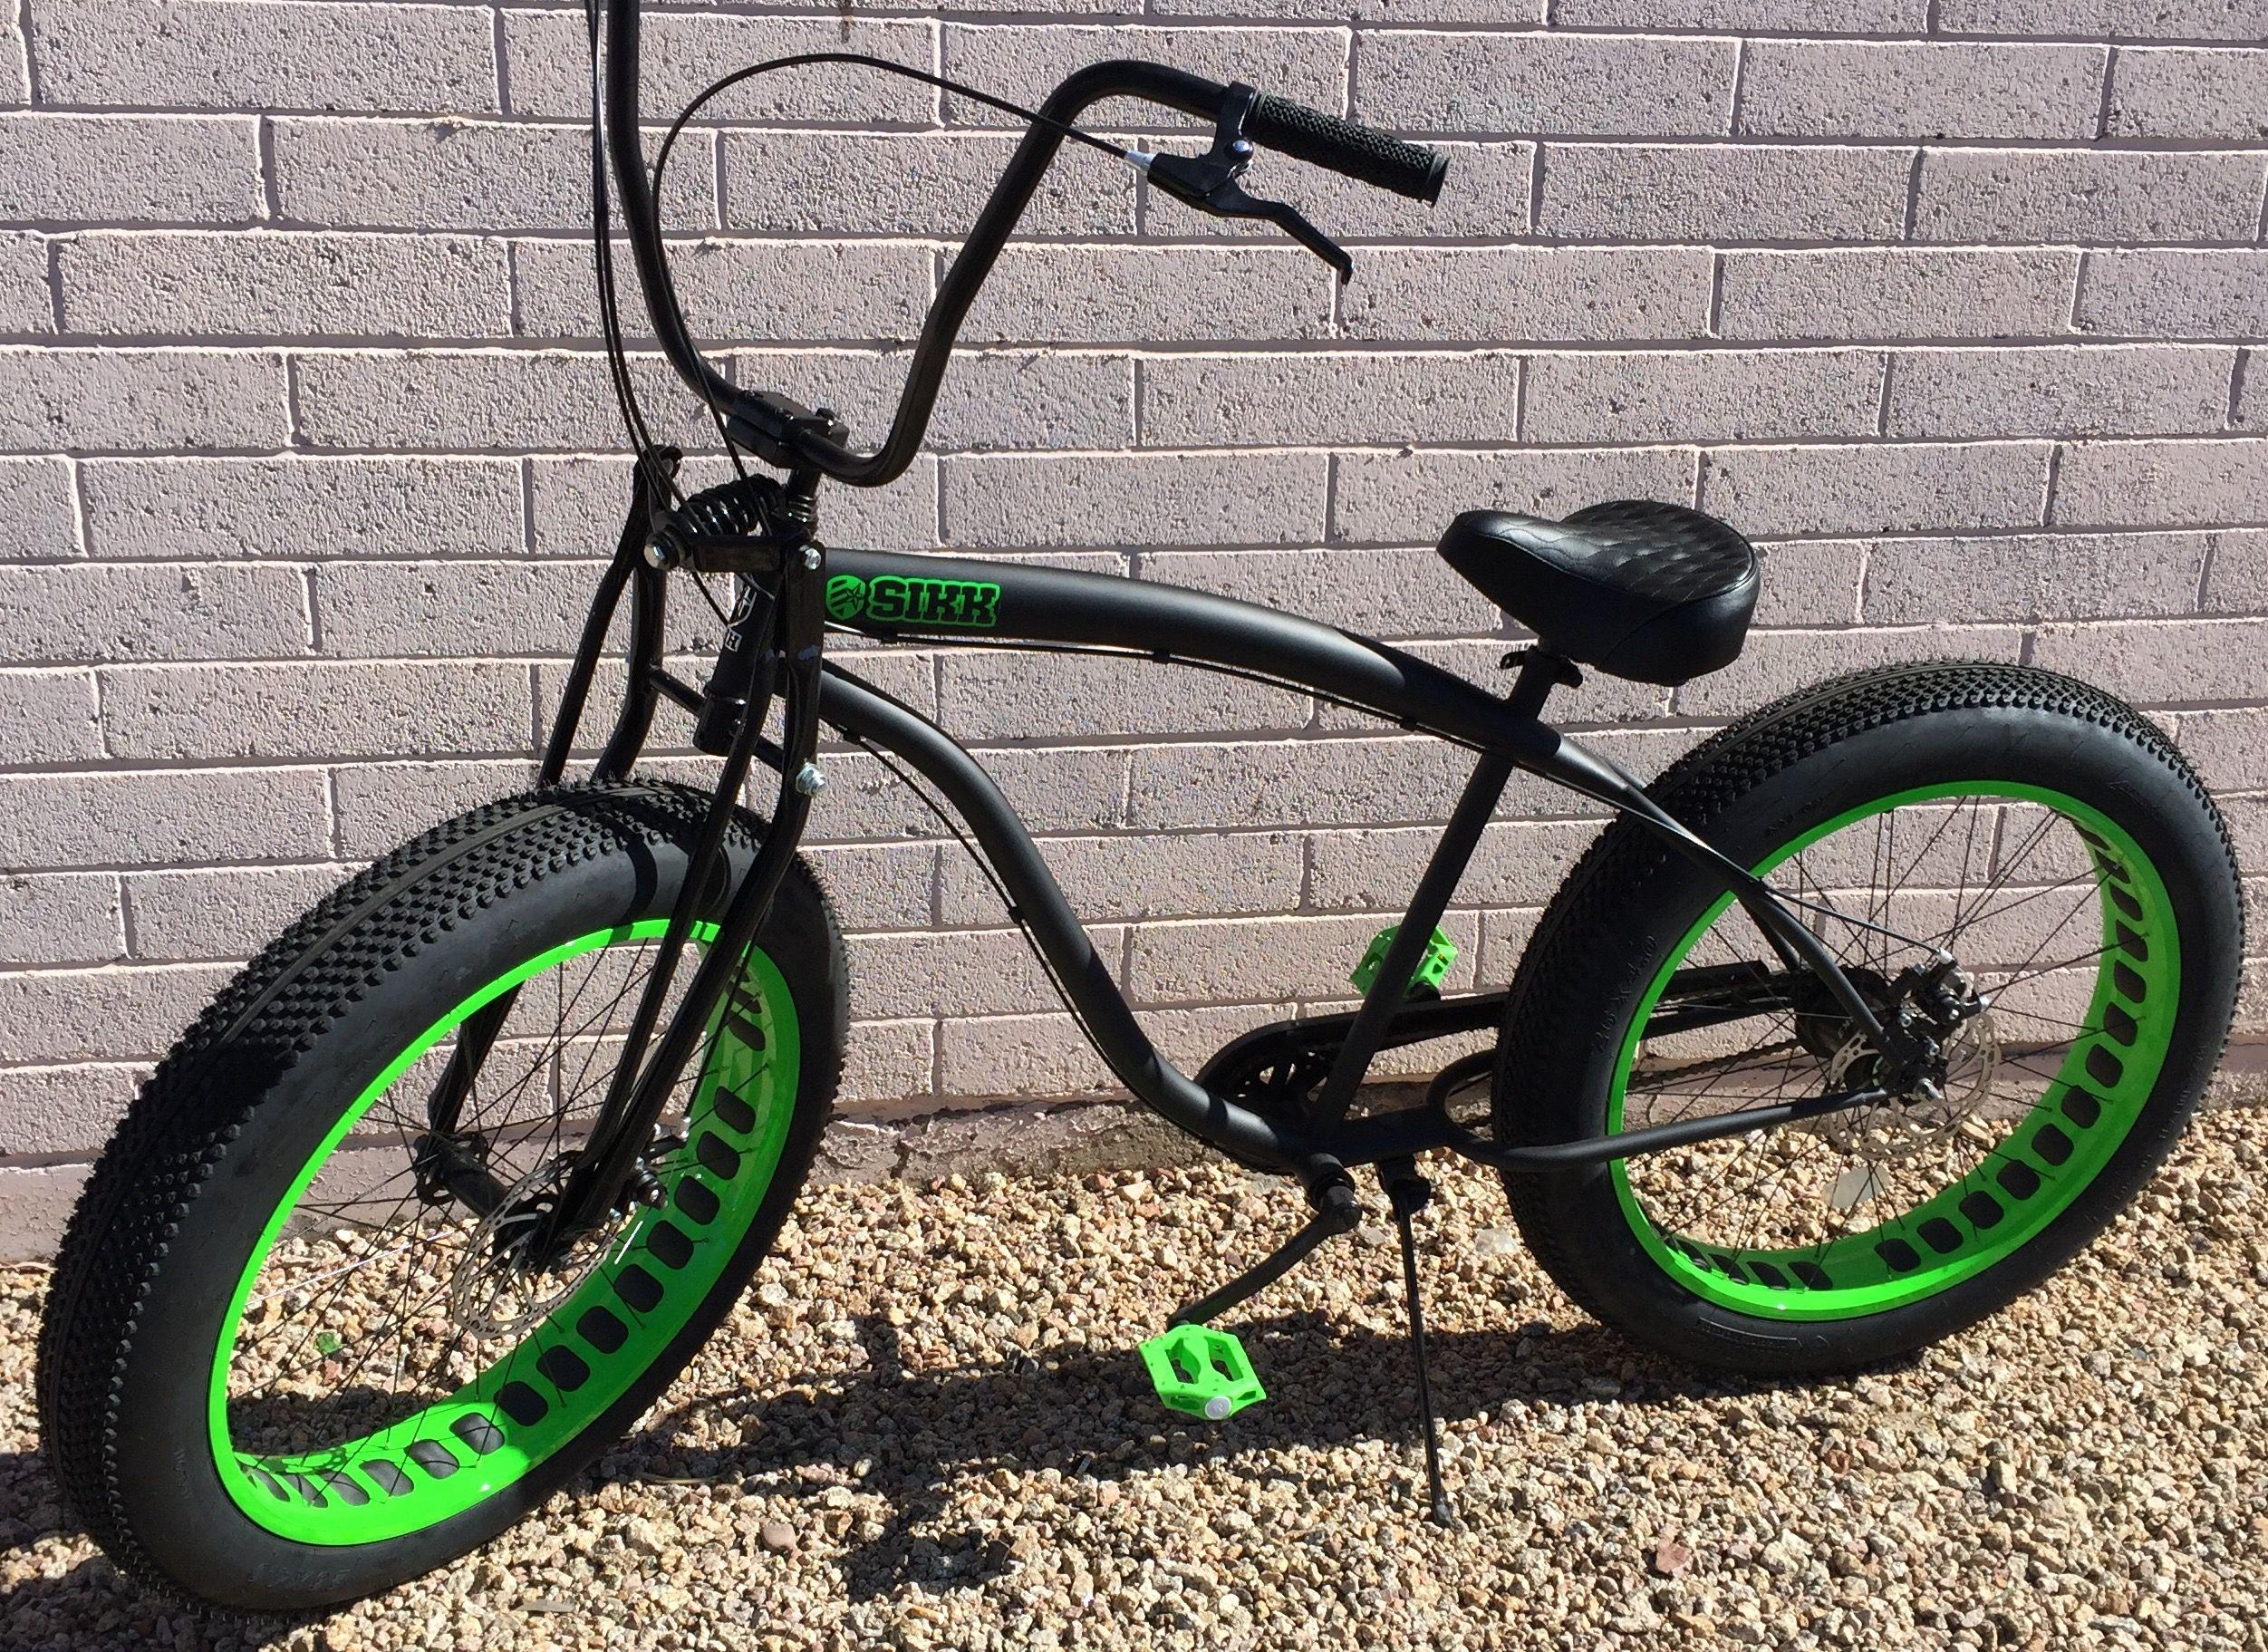 Pin On Custom Fat Tire Bike W Springer Forks